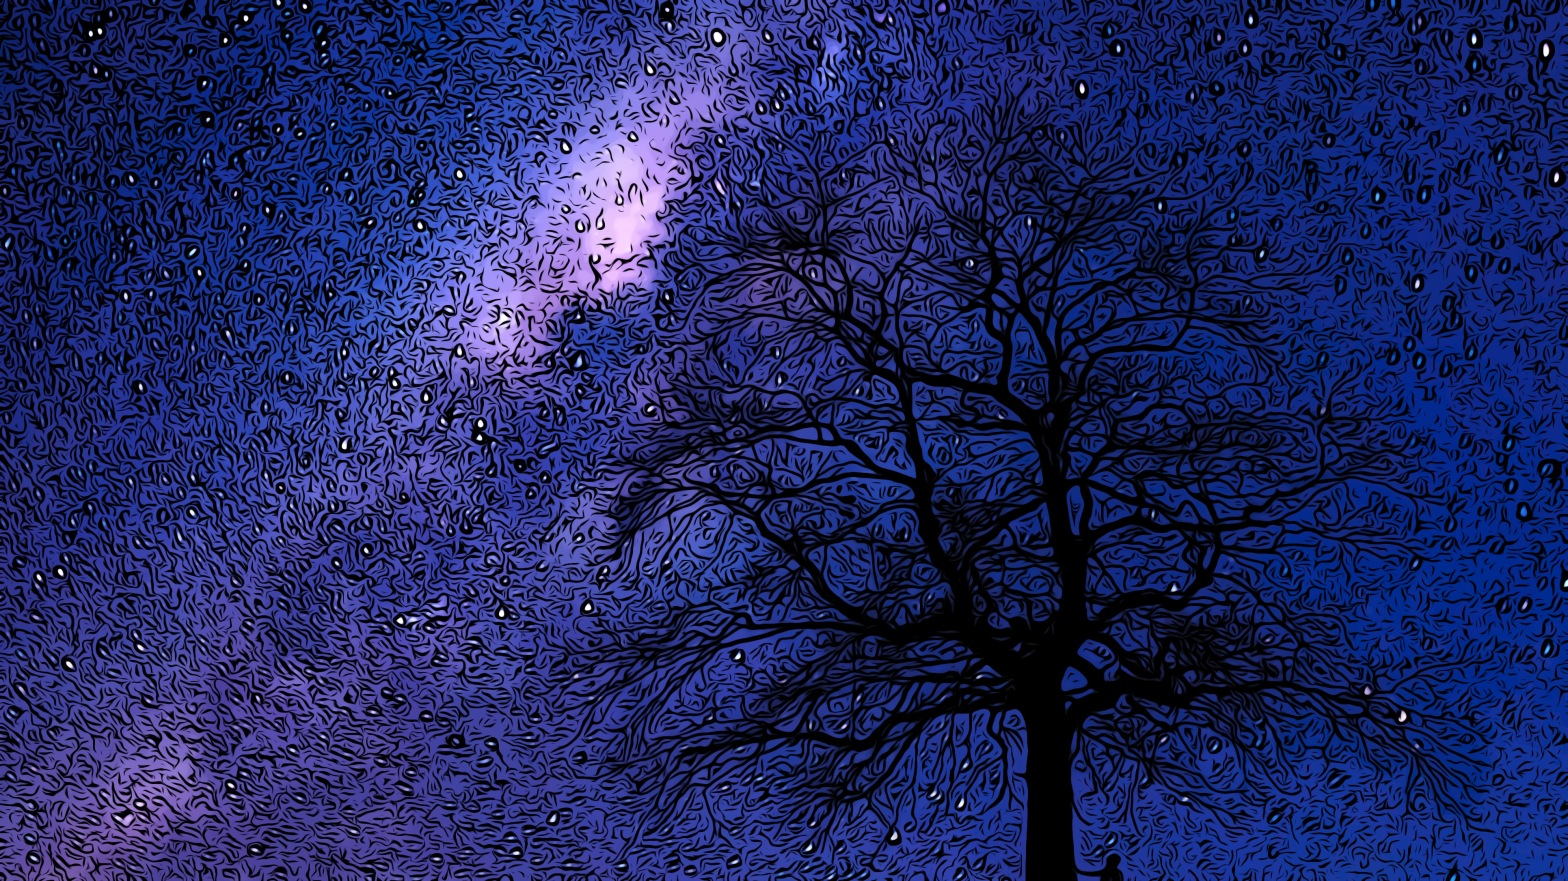 Tree n space